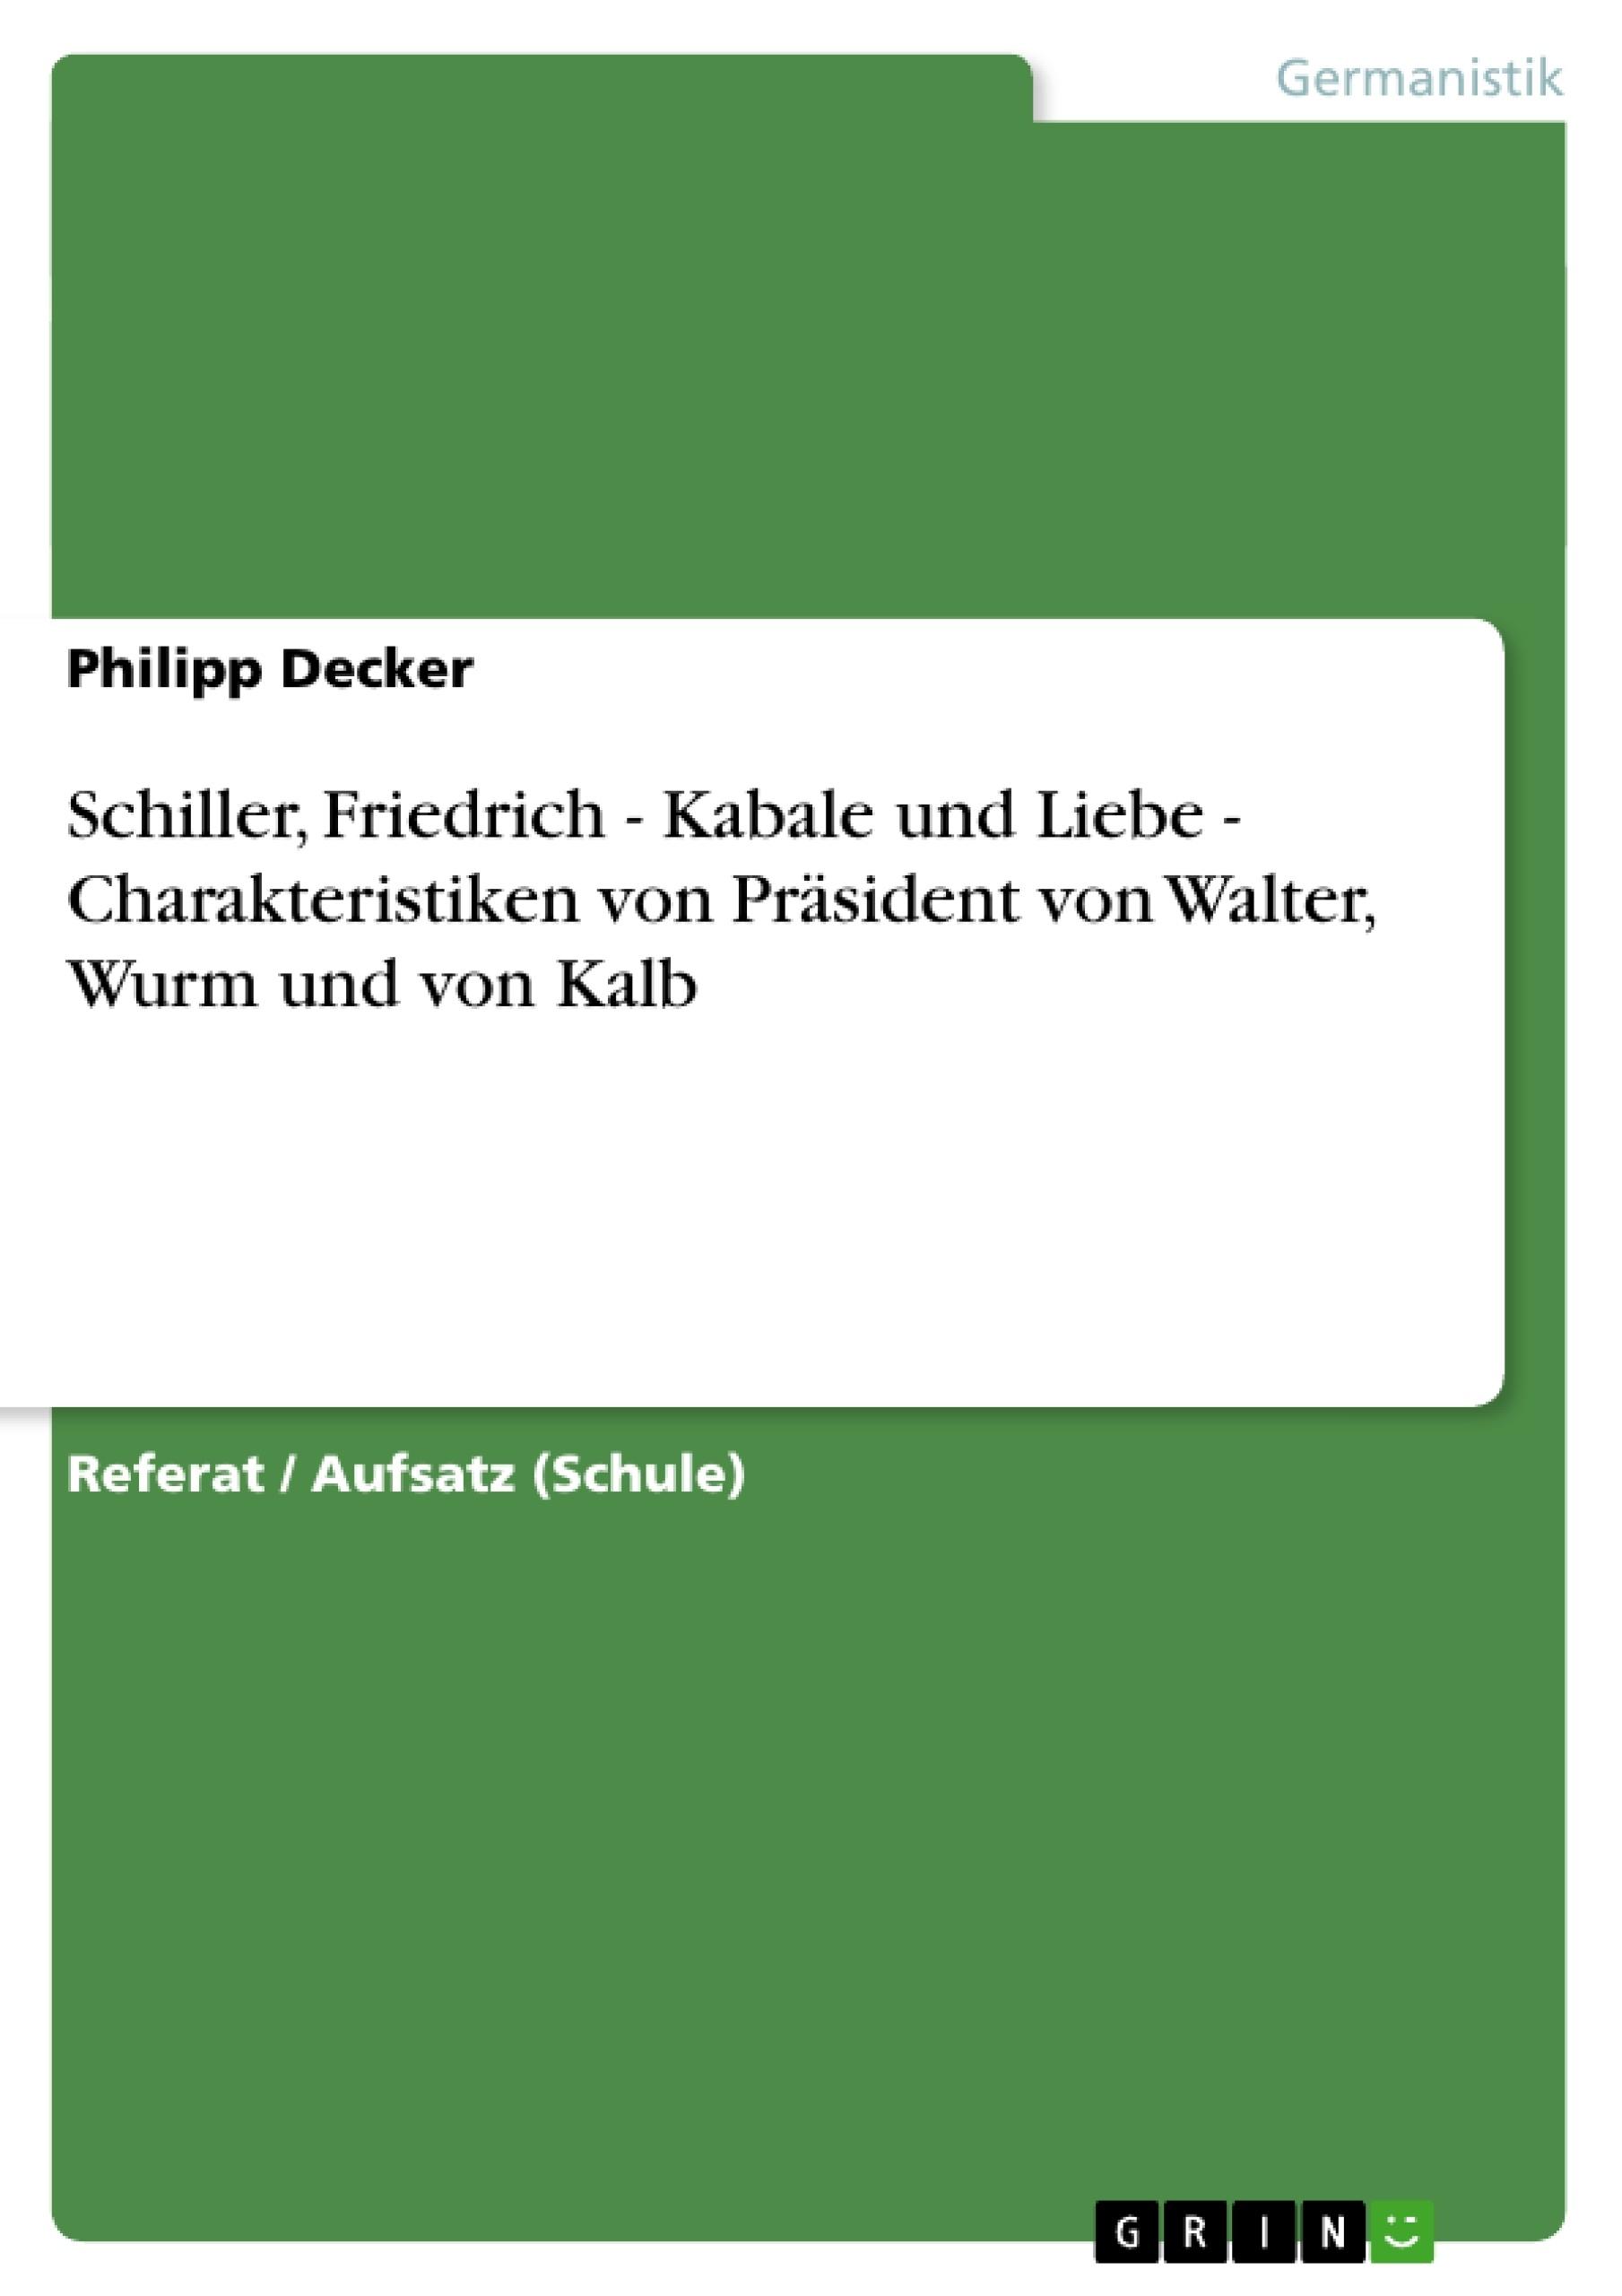 Titel: Schiller, Friedrich - Kabale und Liebe - Charakteristiken von Präsident von Walter, Wurm und von Kalb